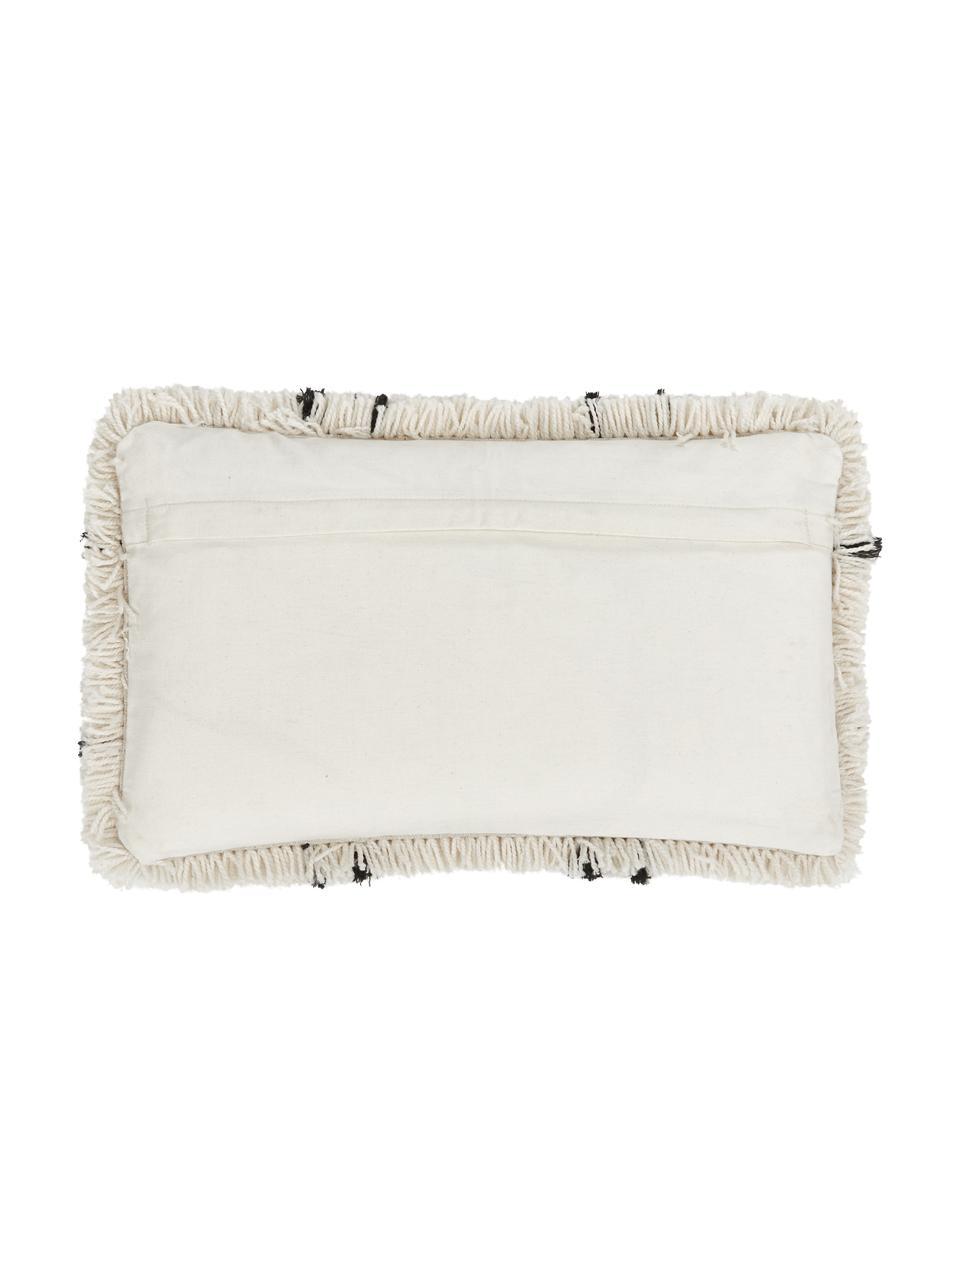 Flauschige Kissenhülle Naima in Beige/Schwarz, Vorderseite: 100% Polyester, Rückseite: 100% Baumwolle, Beige,Schwarz, 30 x 50 cm